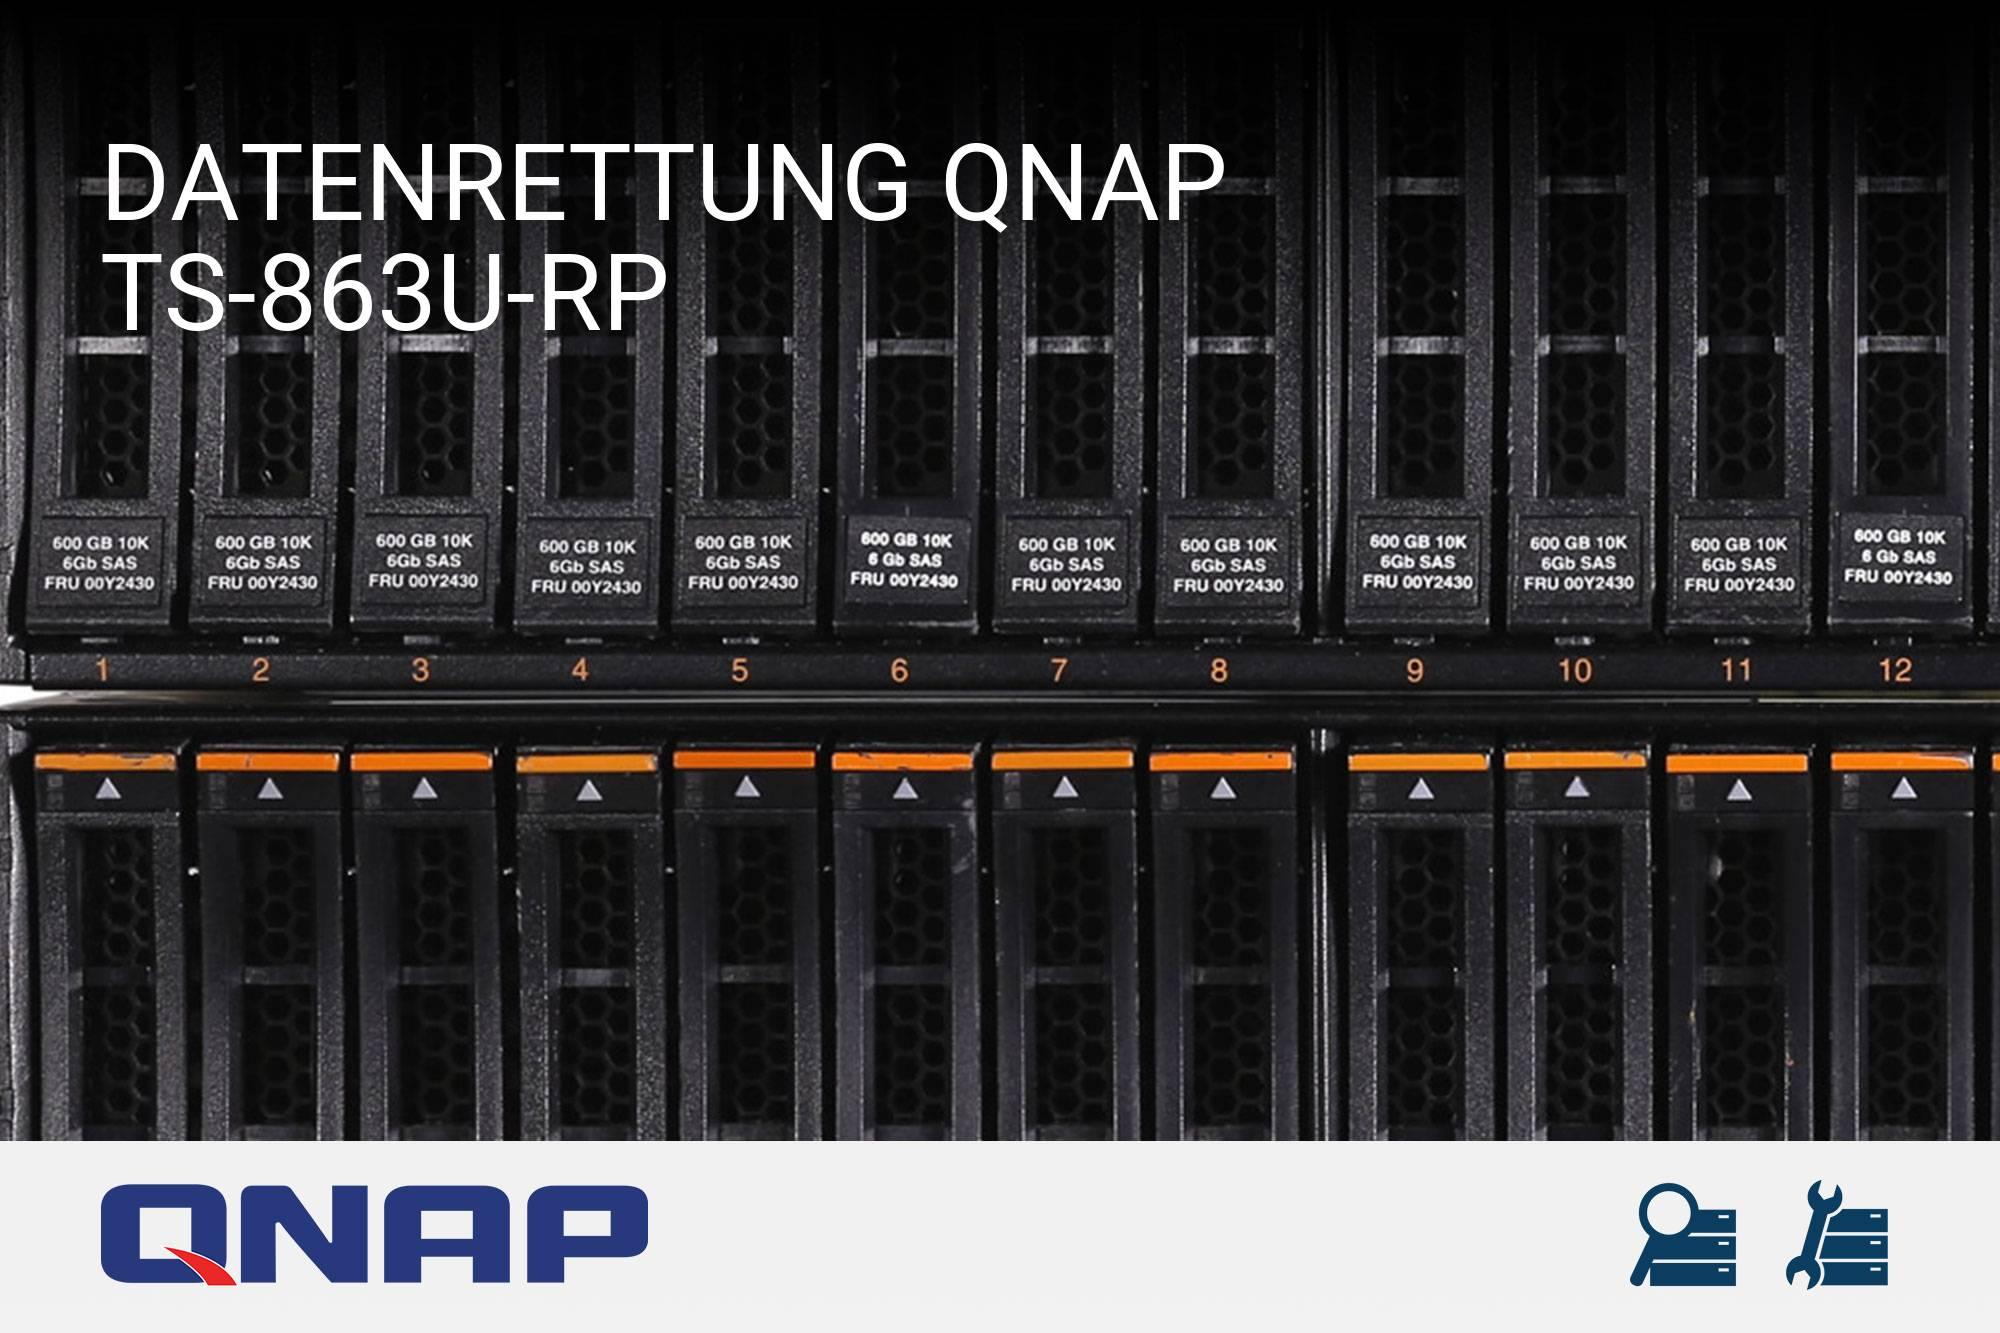 QNAP TS-863U-RP